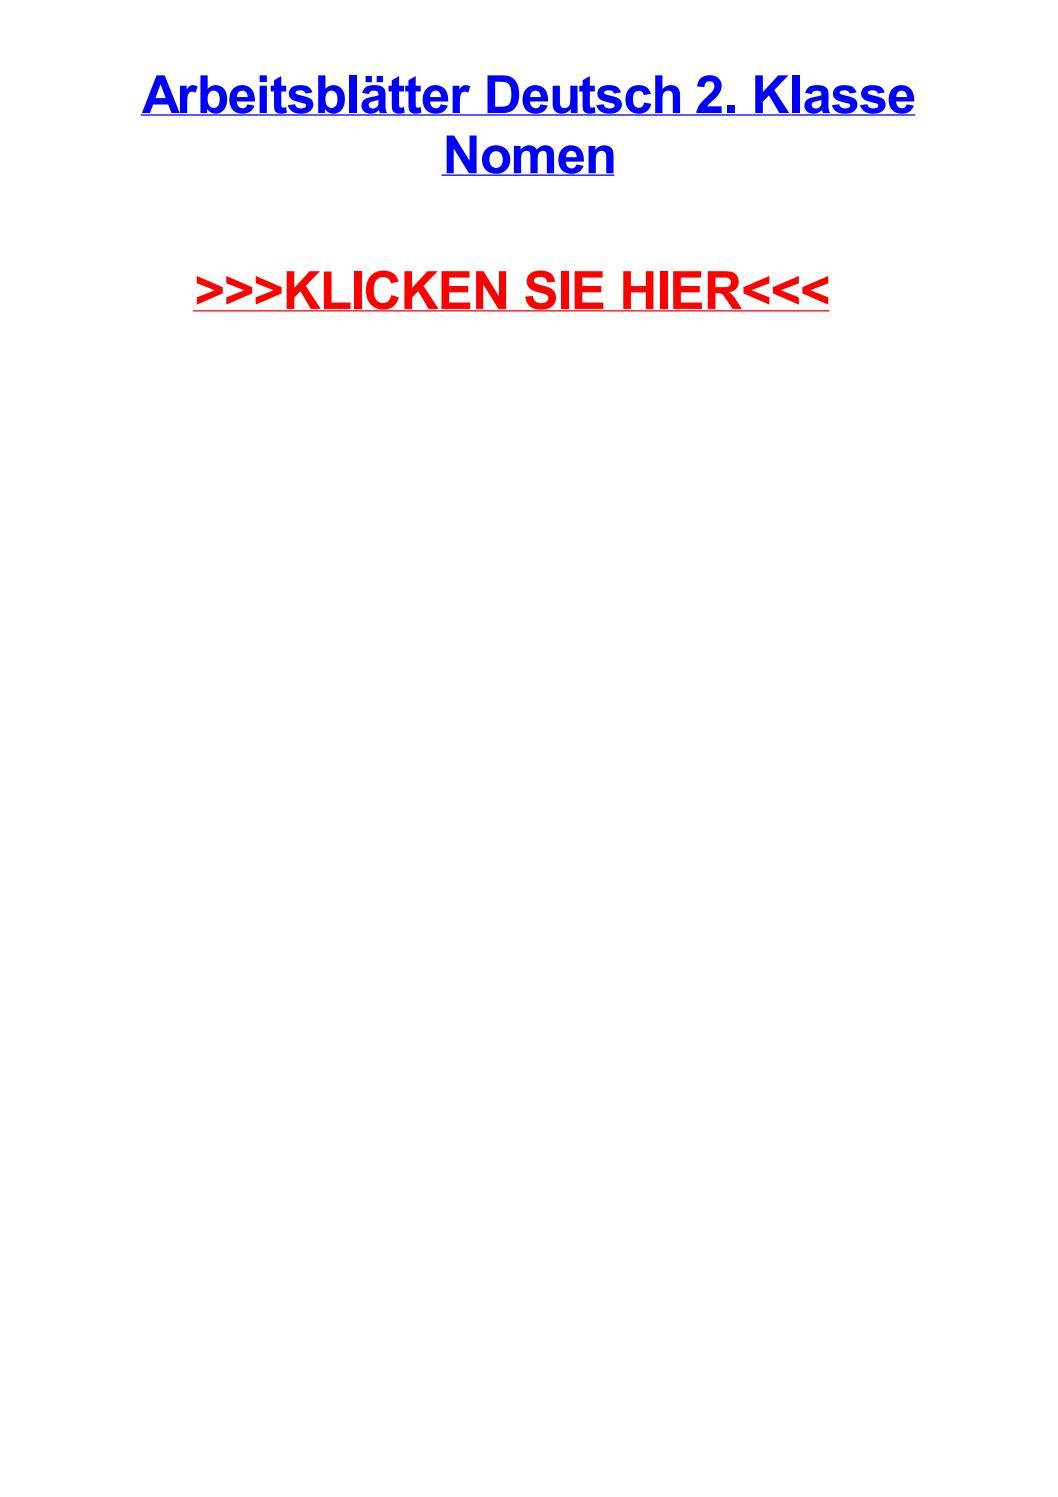 Arbeitsbltter deutsch 2 klasse nomen by daniellepznf - issuu